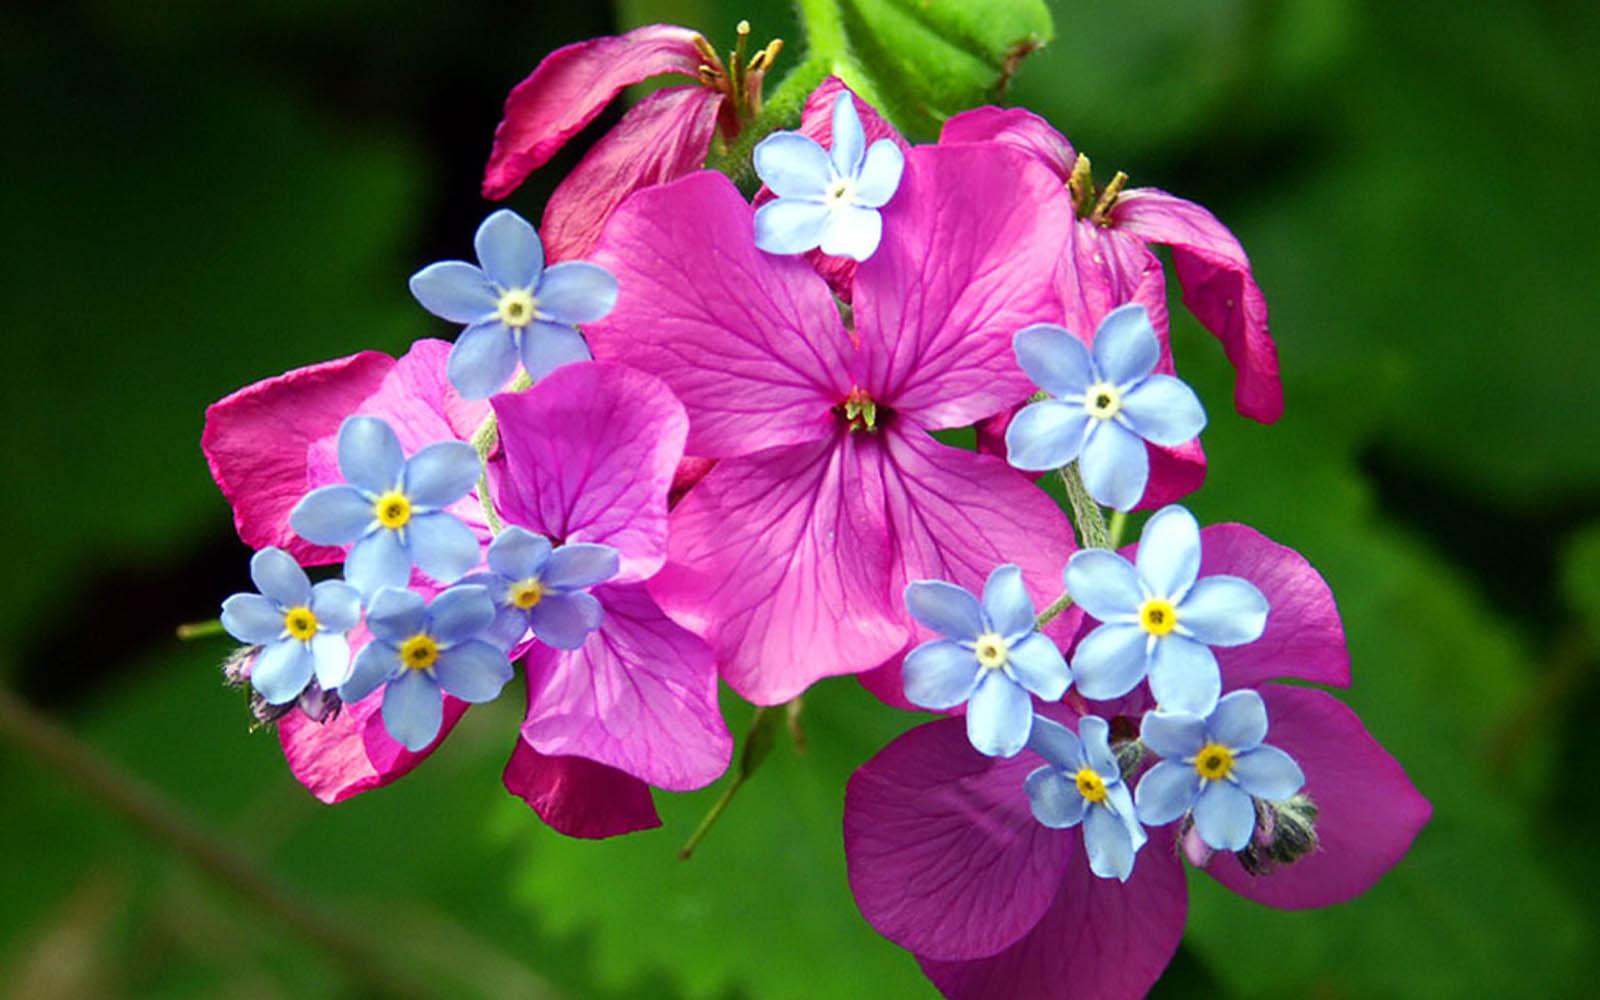 Wallpaper Spring Flowers Wallpupcom 1600x1000